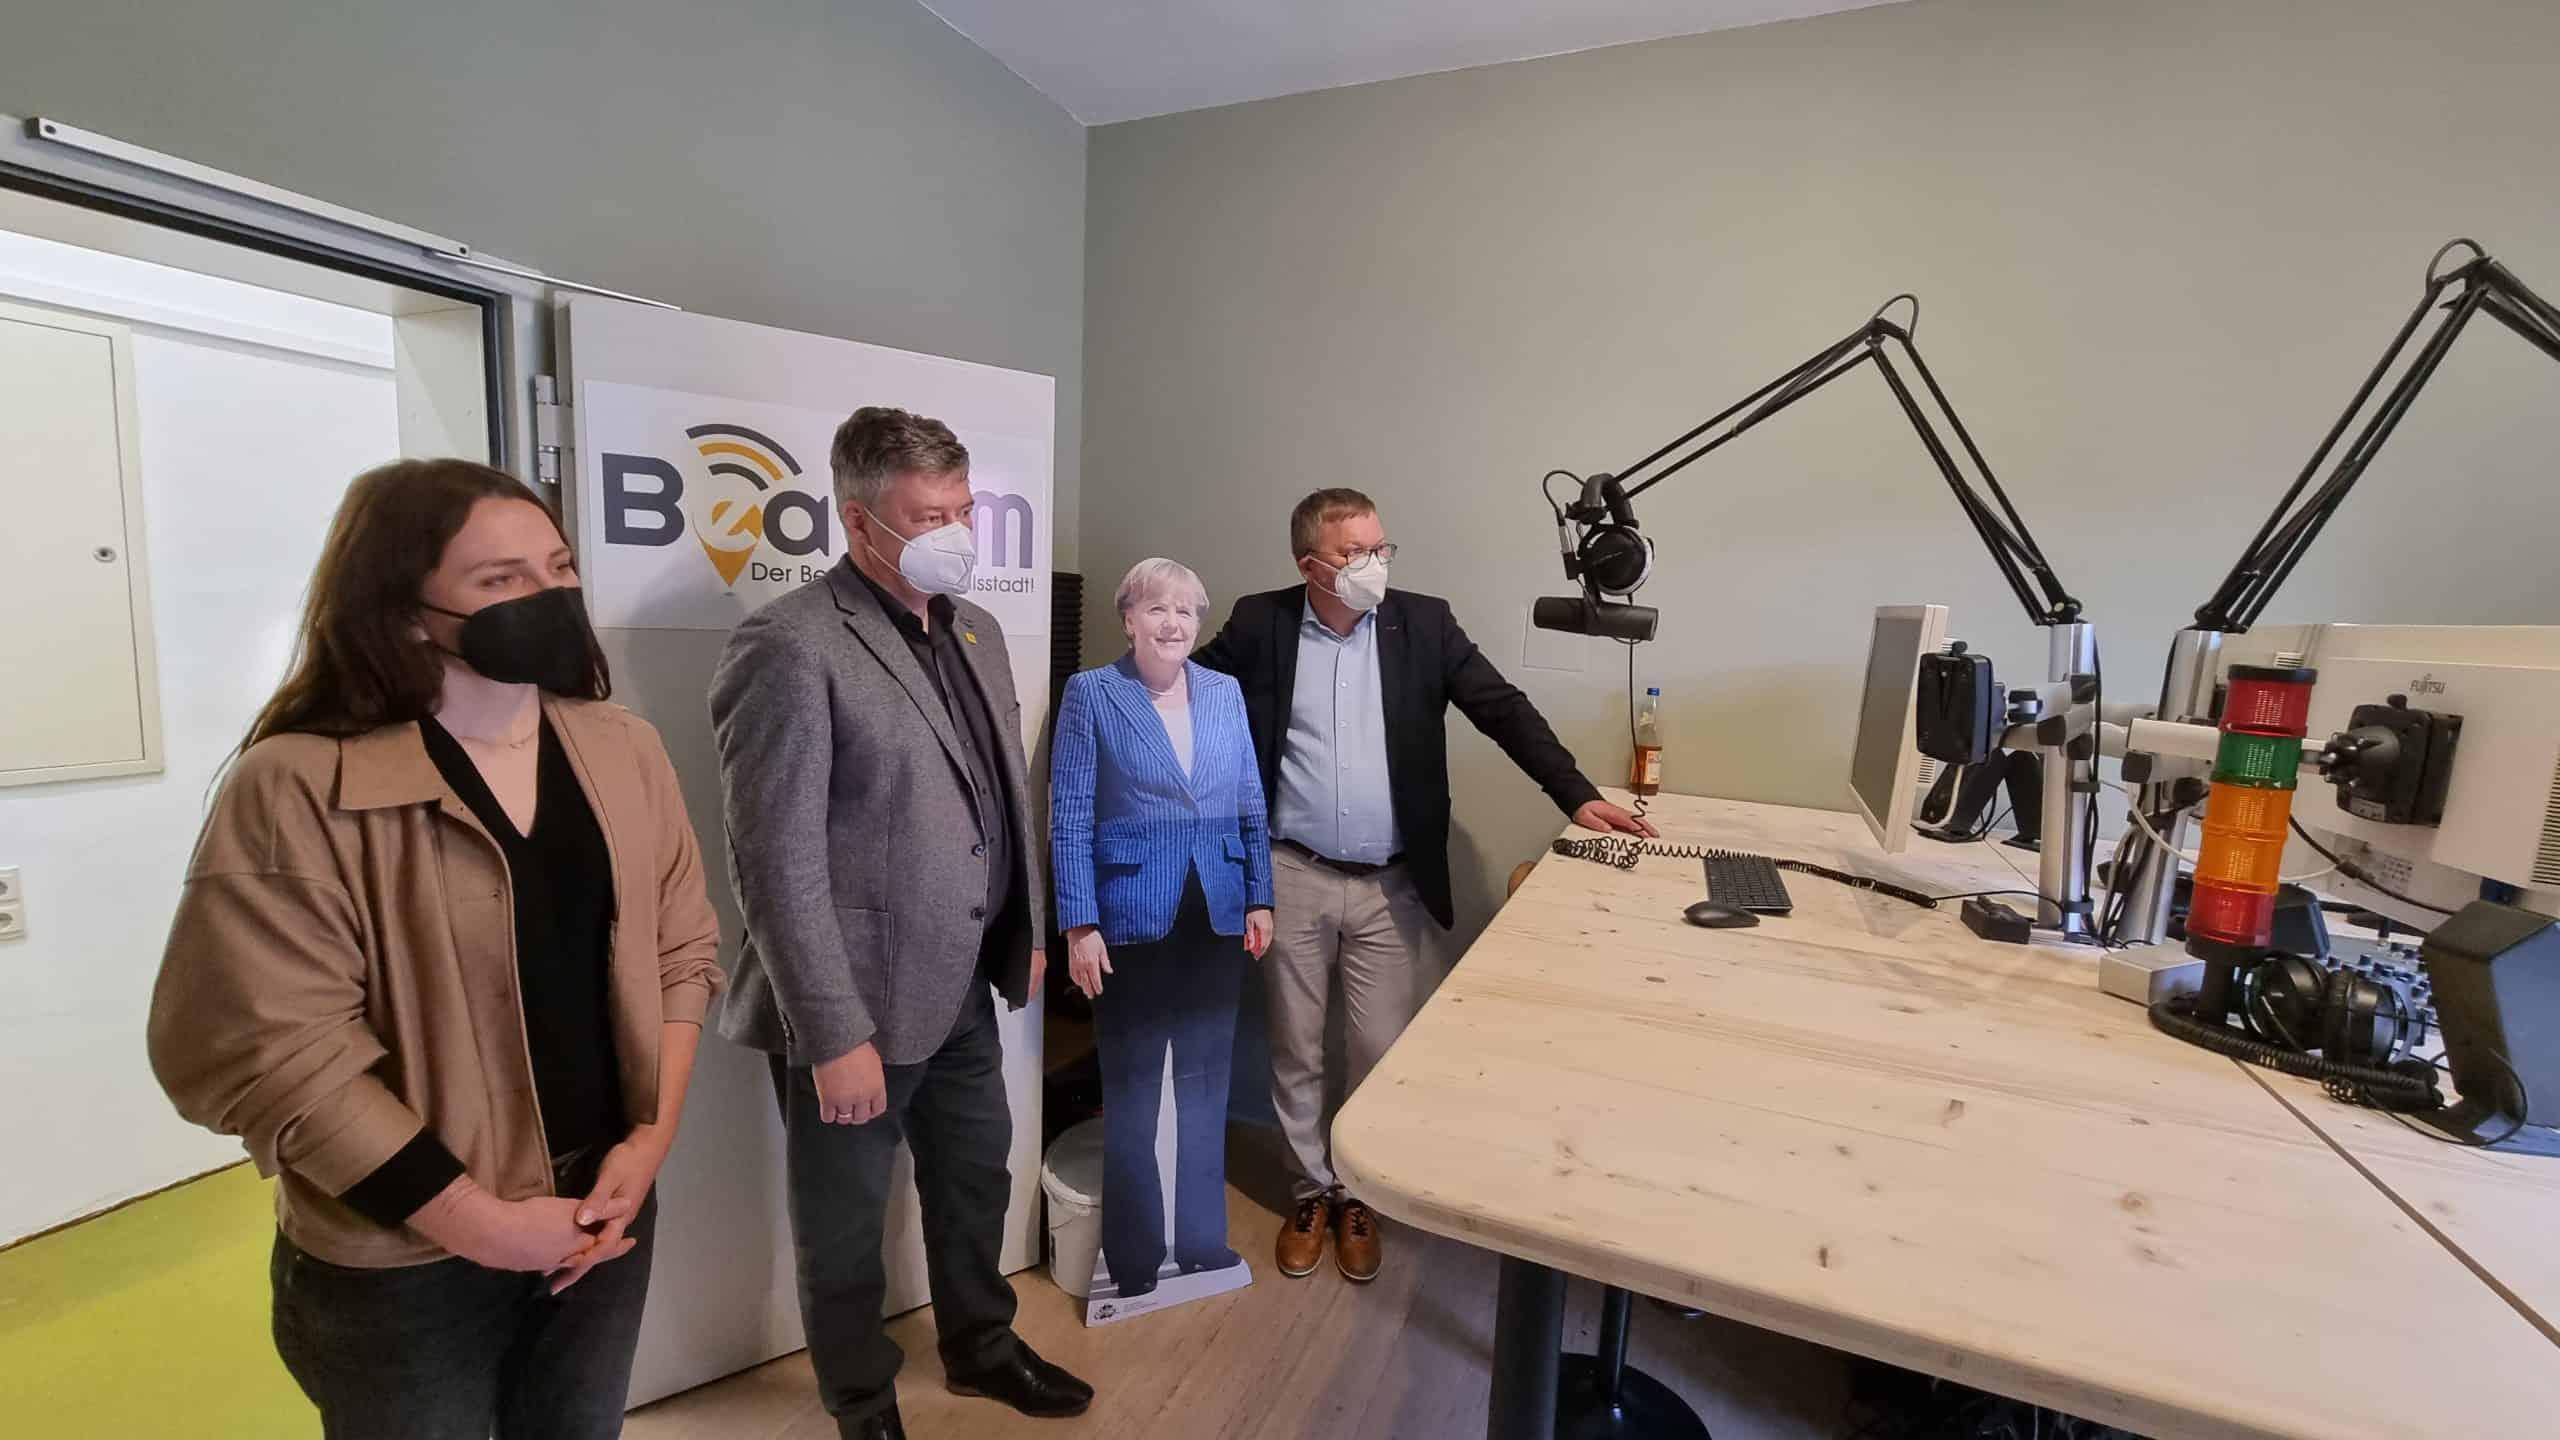 Verena Fitzgerald (Amberg Blog), Karlheinz Brandelik (Wirtschaftsförderung Gewerbebau Amberg) und Oberbürgermeister Michael Cerny.